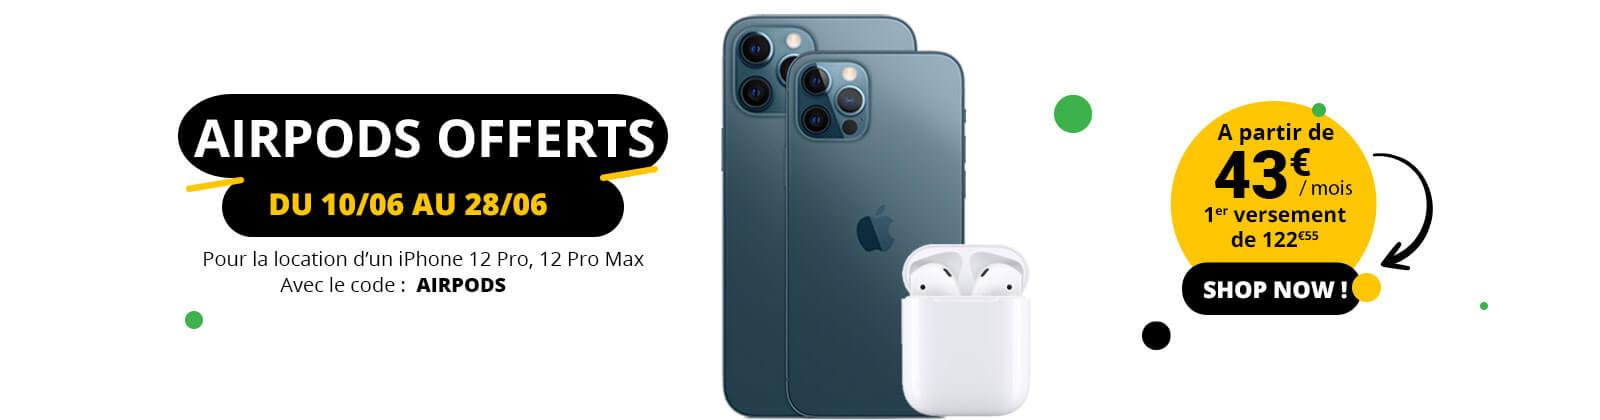 AirPods Offerts pour la location d'un iPhone 12 Pro ou iPhone 12 Pro Max